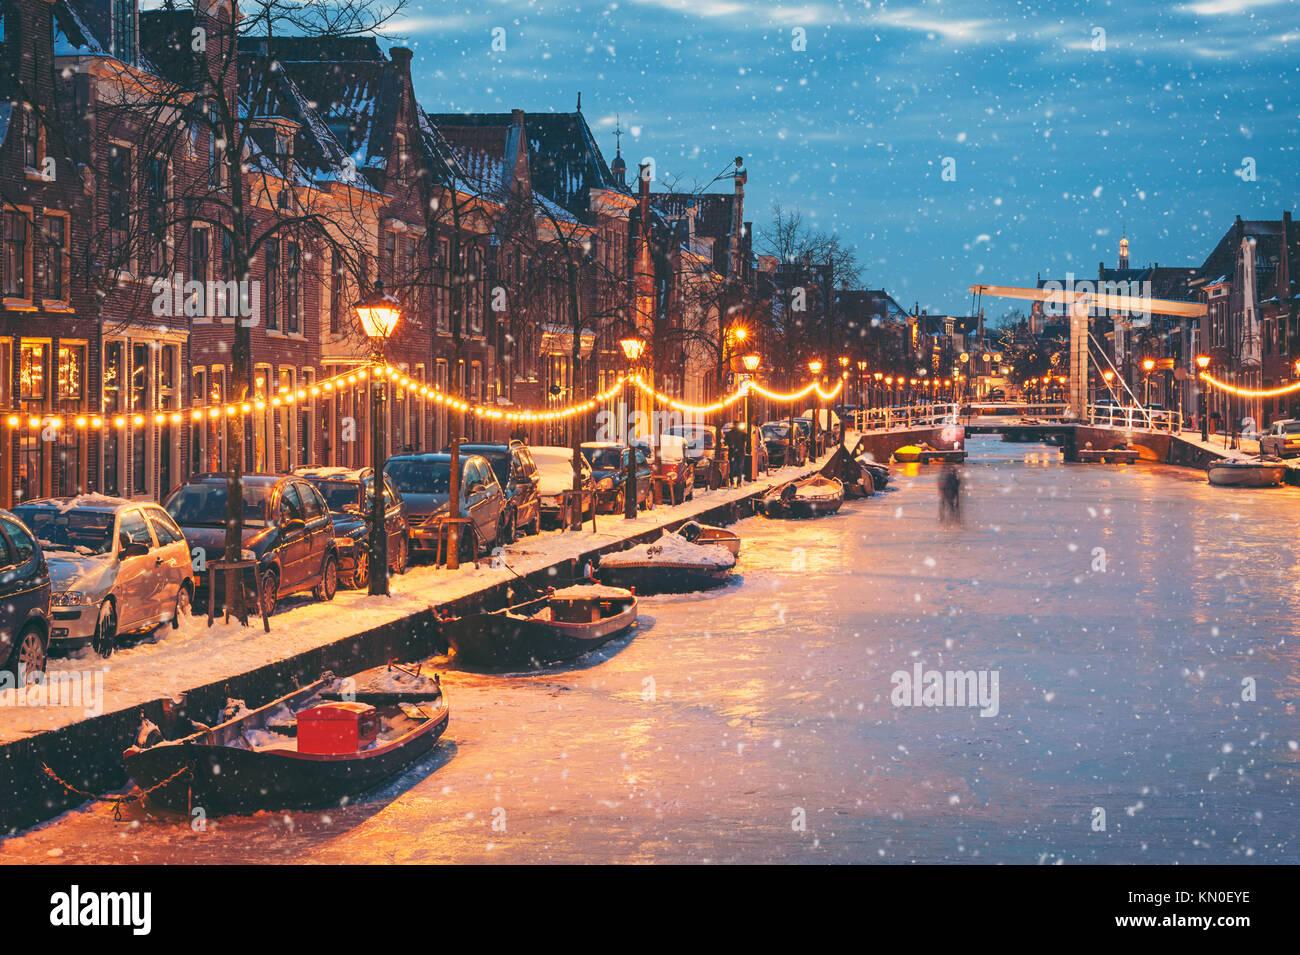 Scena invernale di Alkmaar Paesi Bassi con il ghiaccio naturale e la caduta di neve Immagini Stock